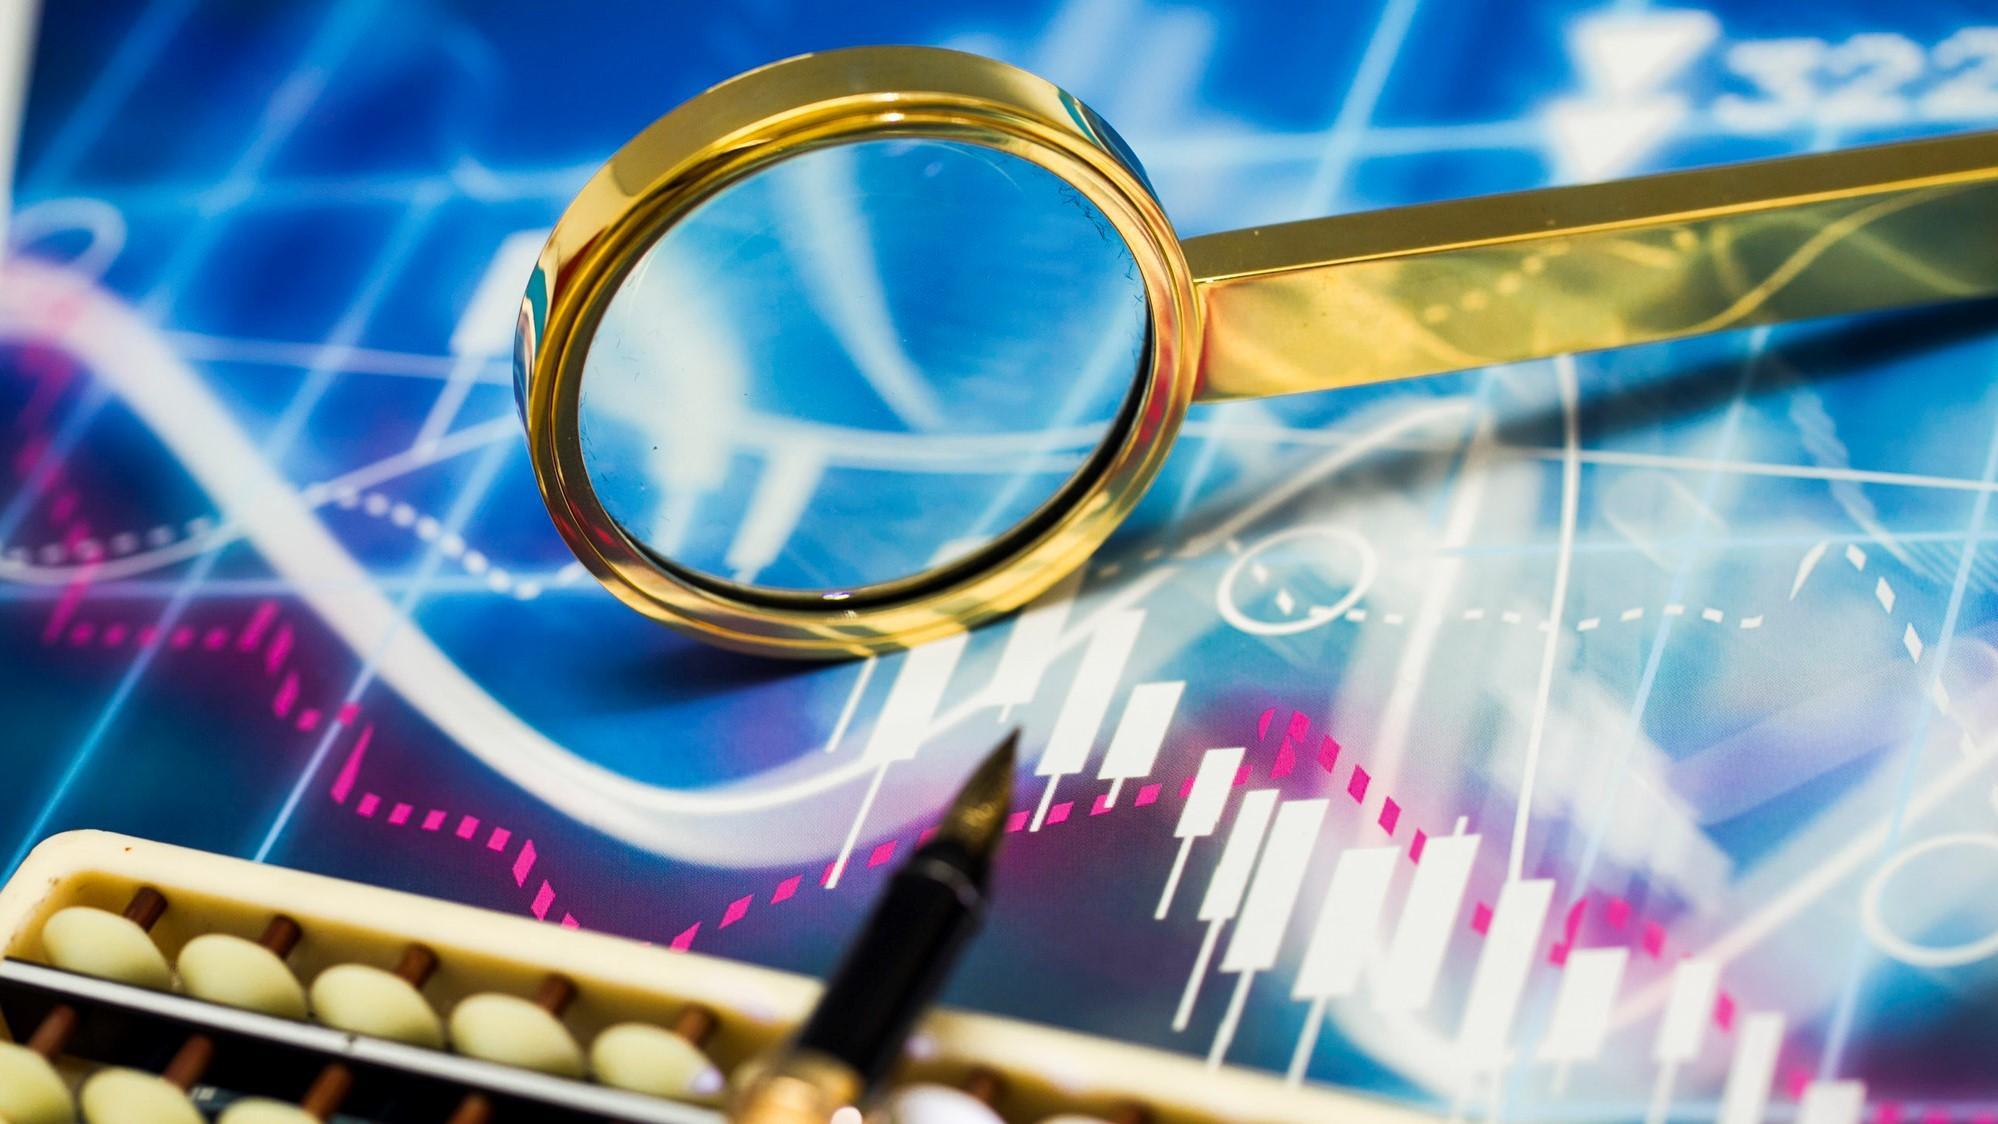 股价飙涨7成后,南洋股份(002212.SZ)实控人欲再卖6371万股